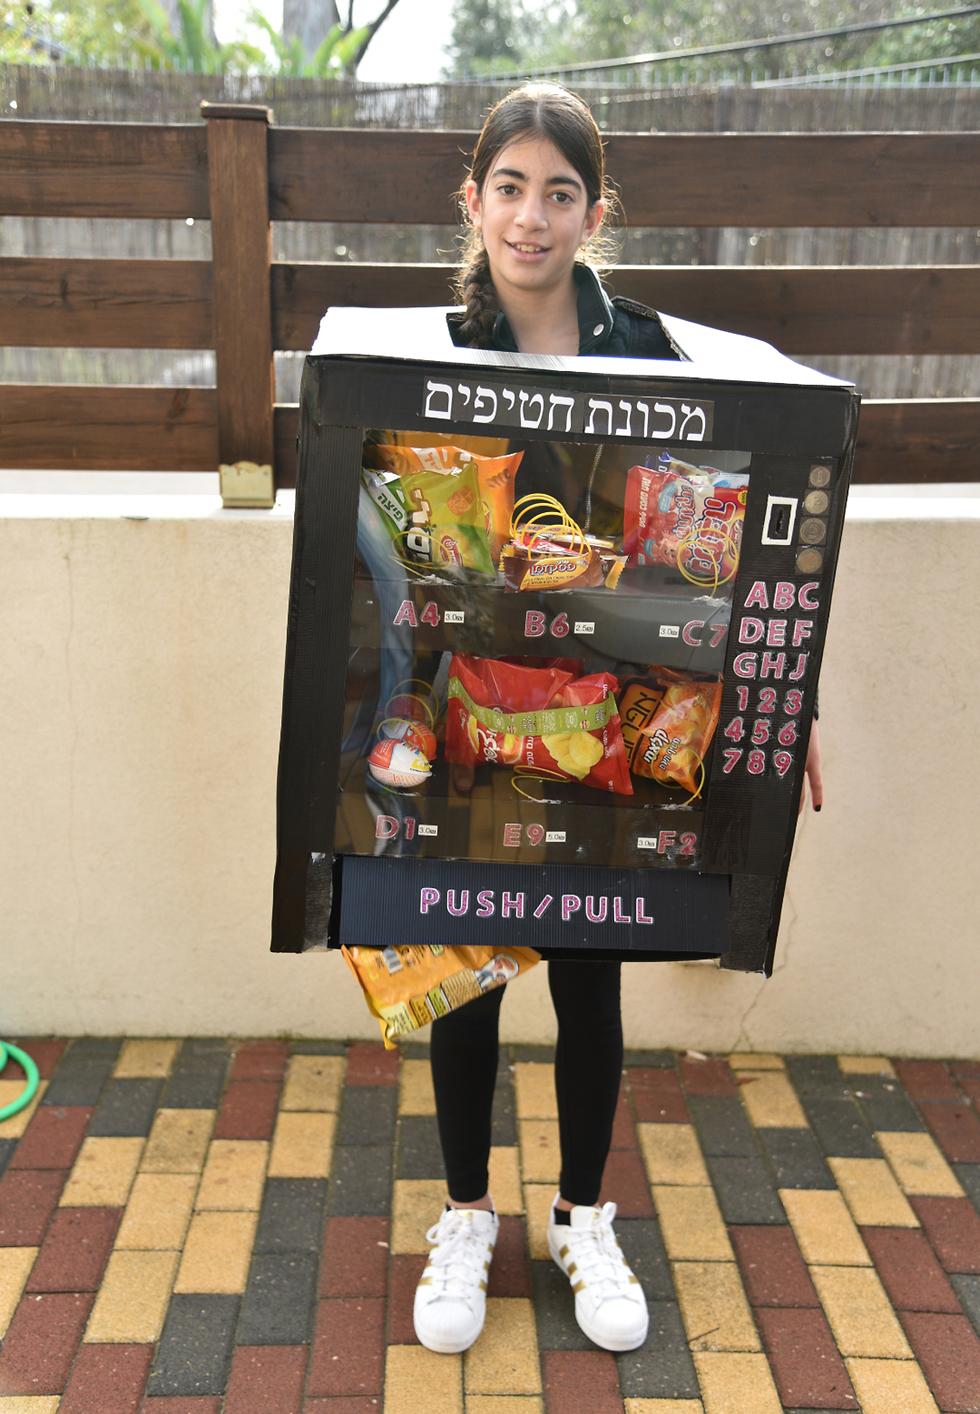 נופר מקדרון שהתחפשה למכונת ממתקים (צילום: אודי חן)